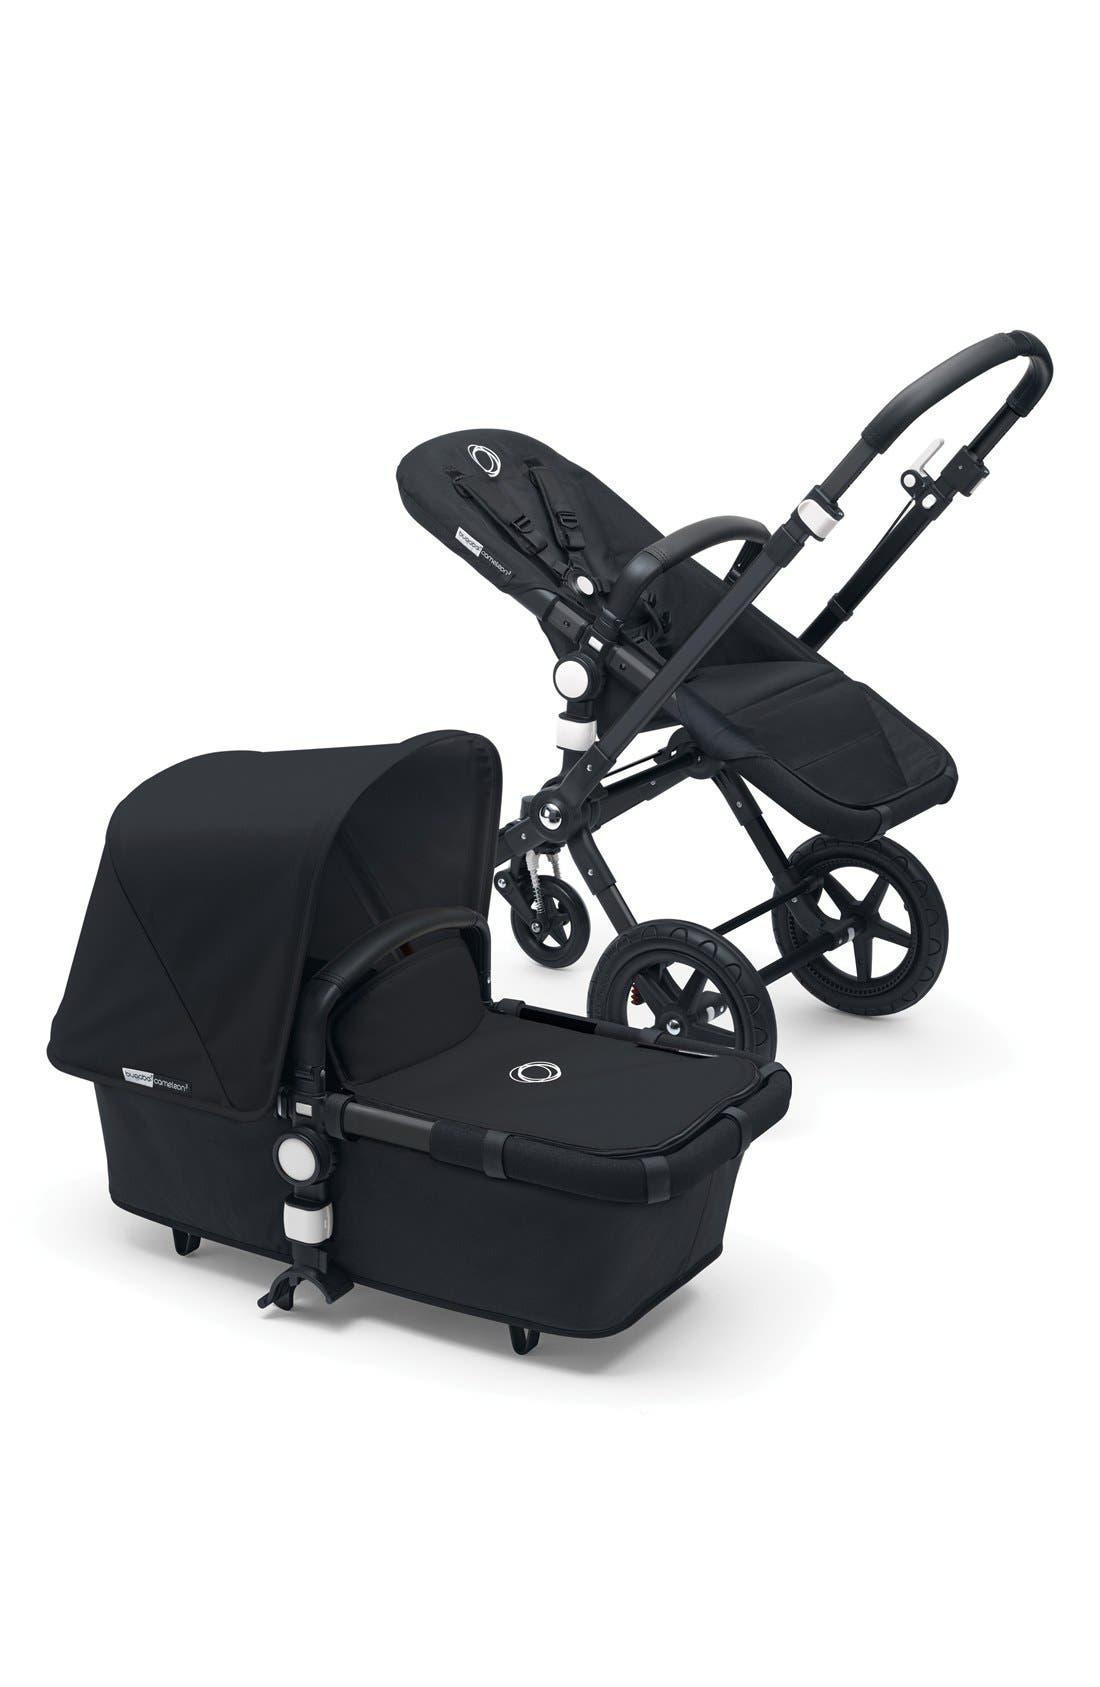 Bugaboo Cameleon³ Stroller